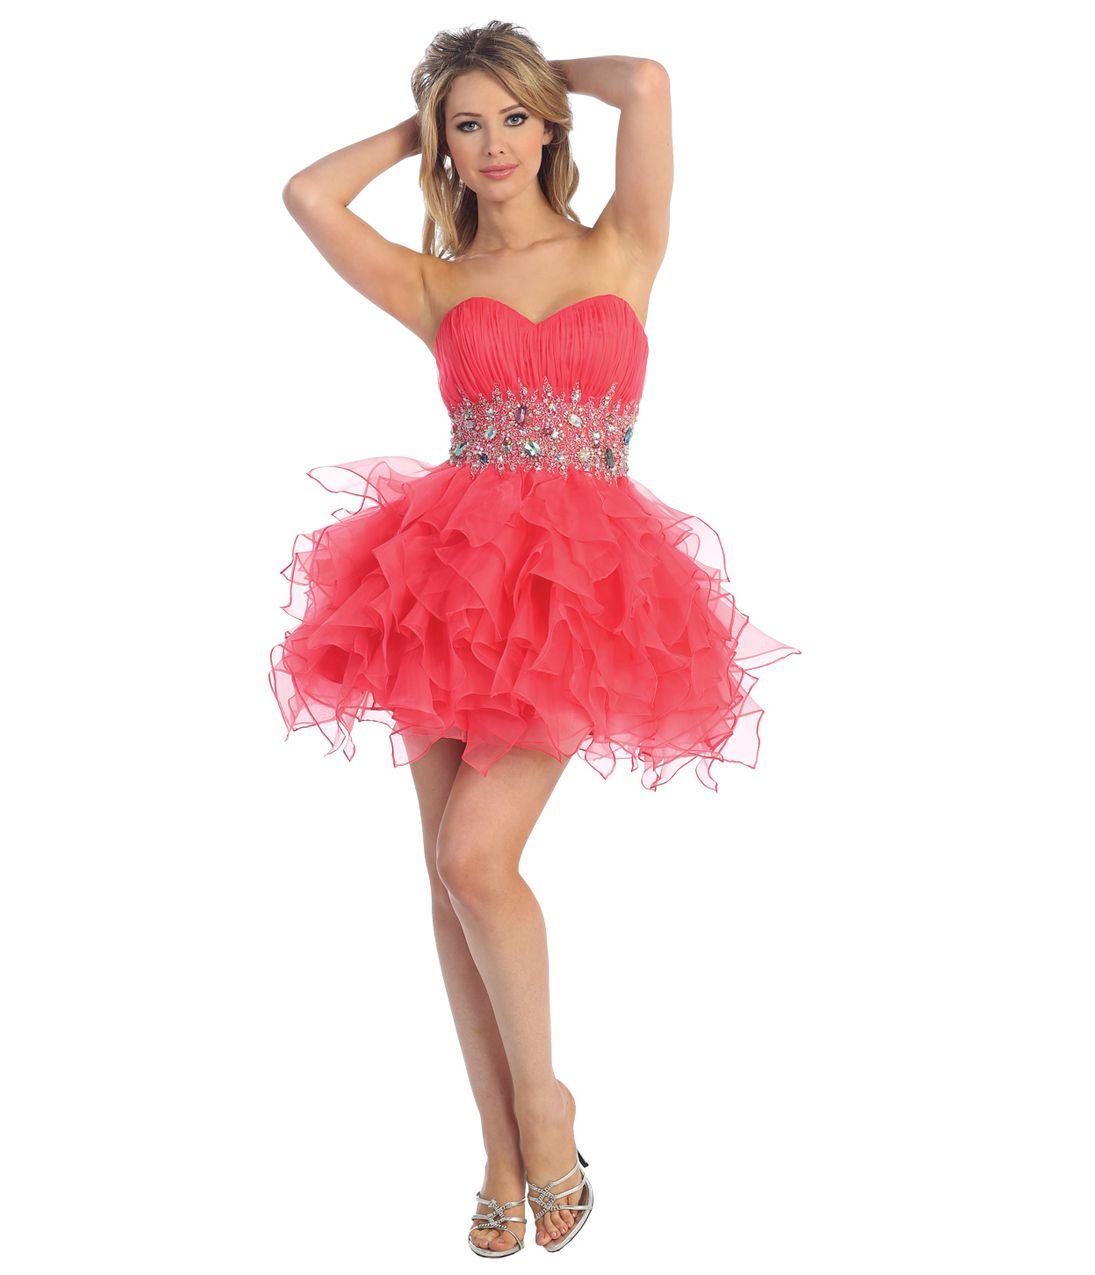 Unique vintage short prom dresses short prom and prom 2013 prom dresses watermelon chiffon short prom dress unique vintage prom dresses ombrellifo Choice Image